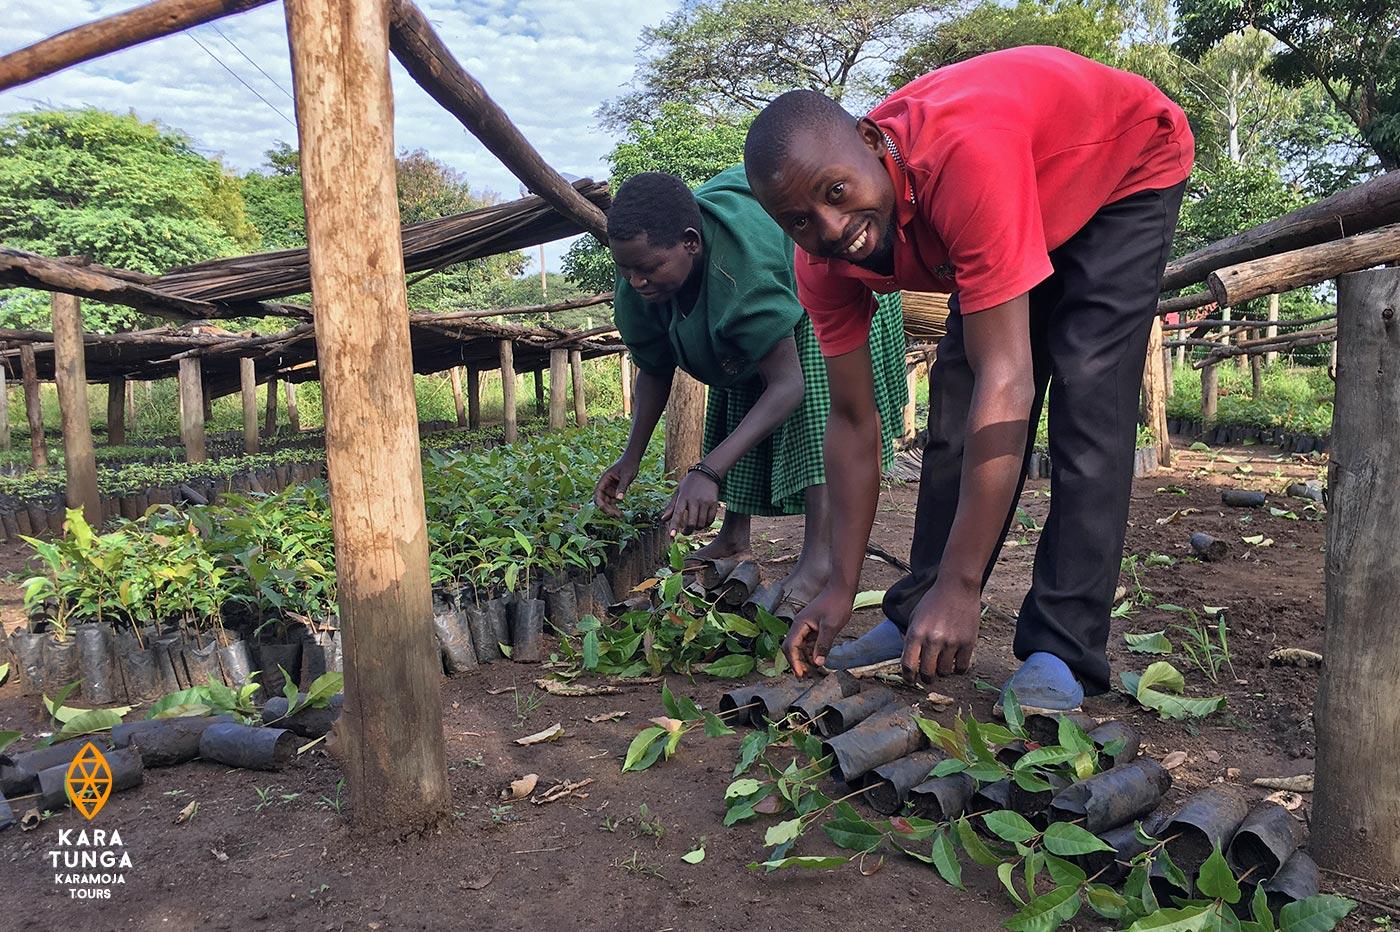 kara-tunga-tree-planting-4